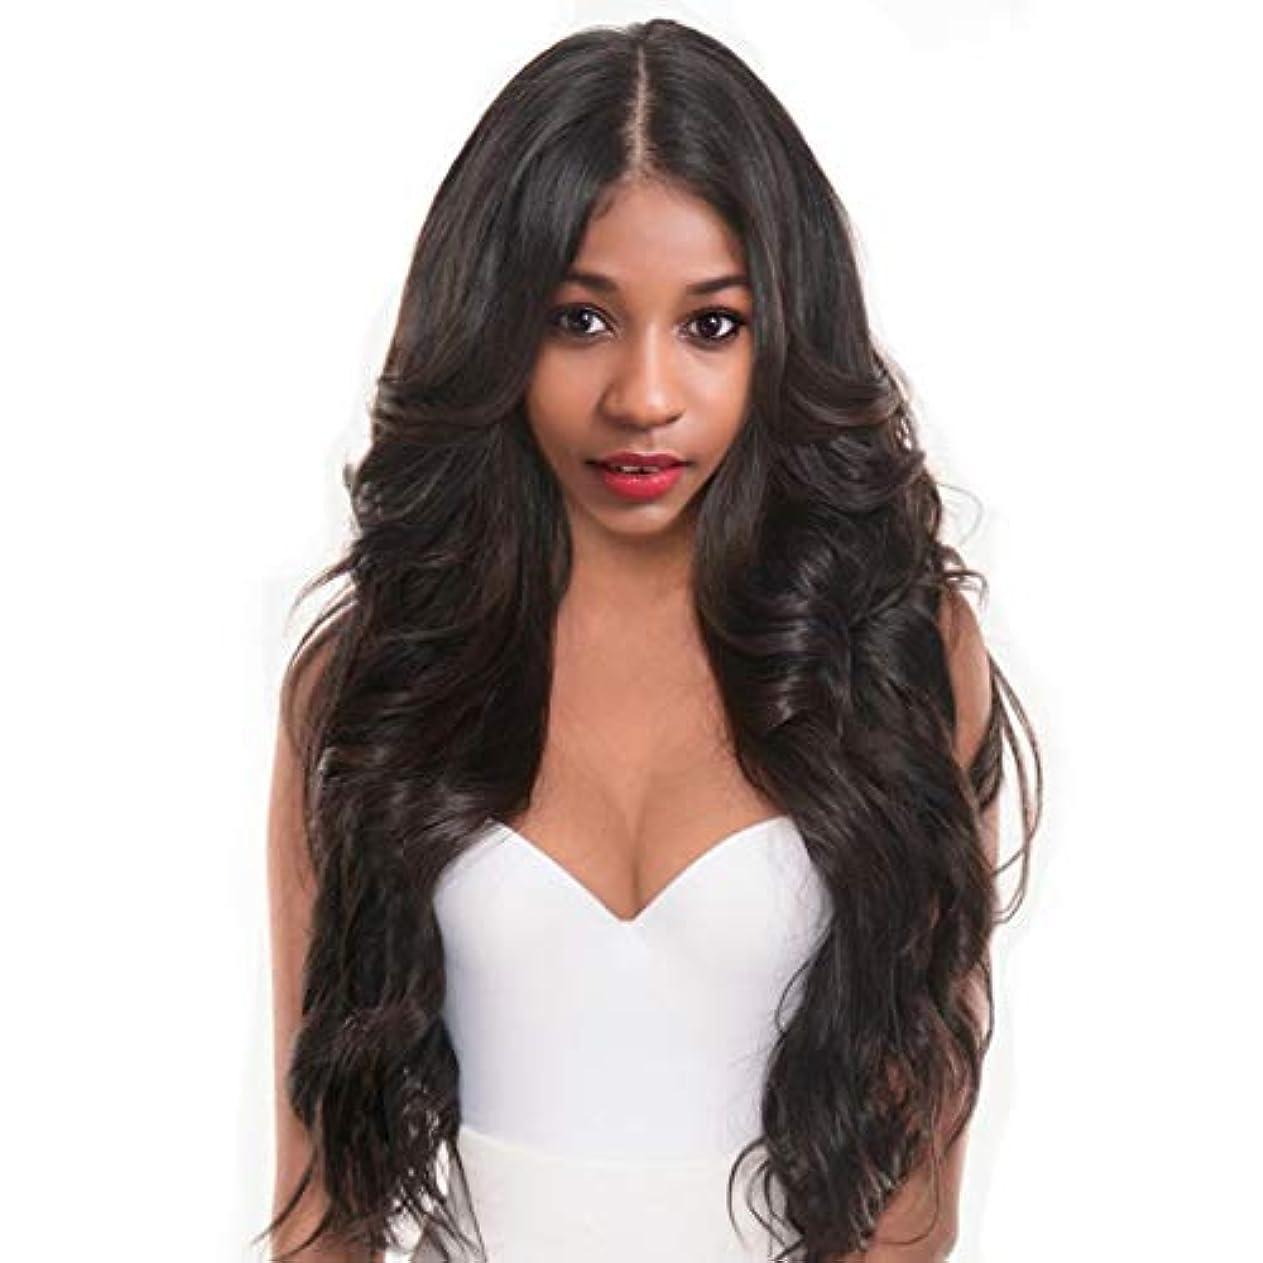 起点取り除くショッピングセンターSummerys ヘアウィッグボディ波状巻き毛100%カネカロン毛繊維合成毛髪かつら女性